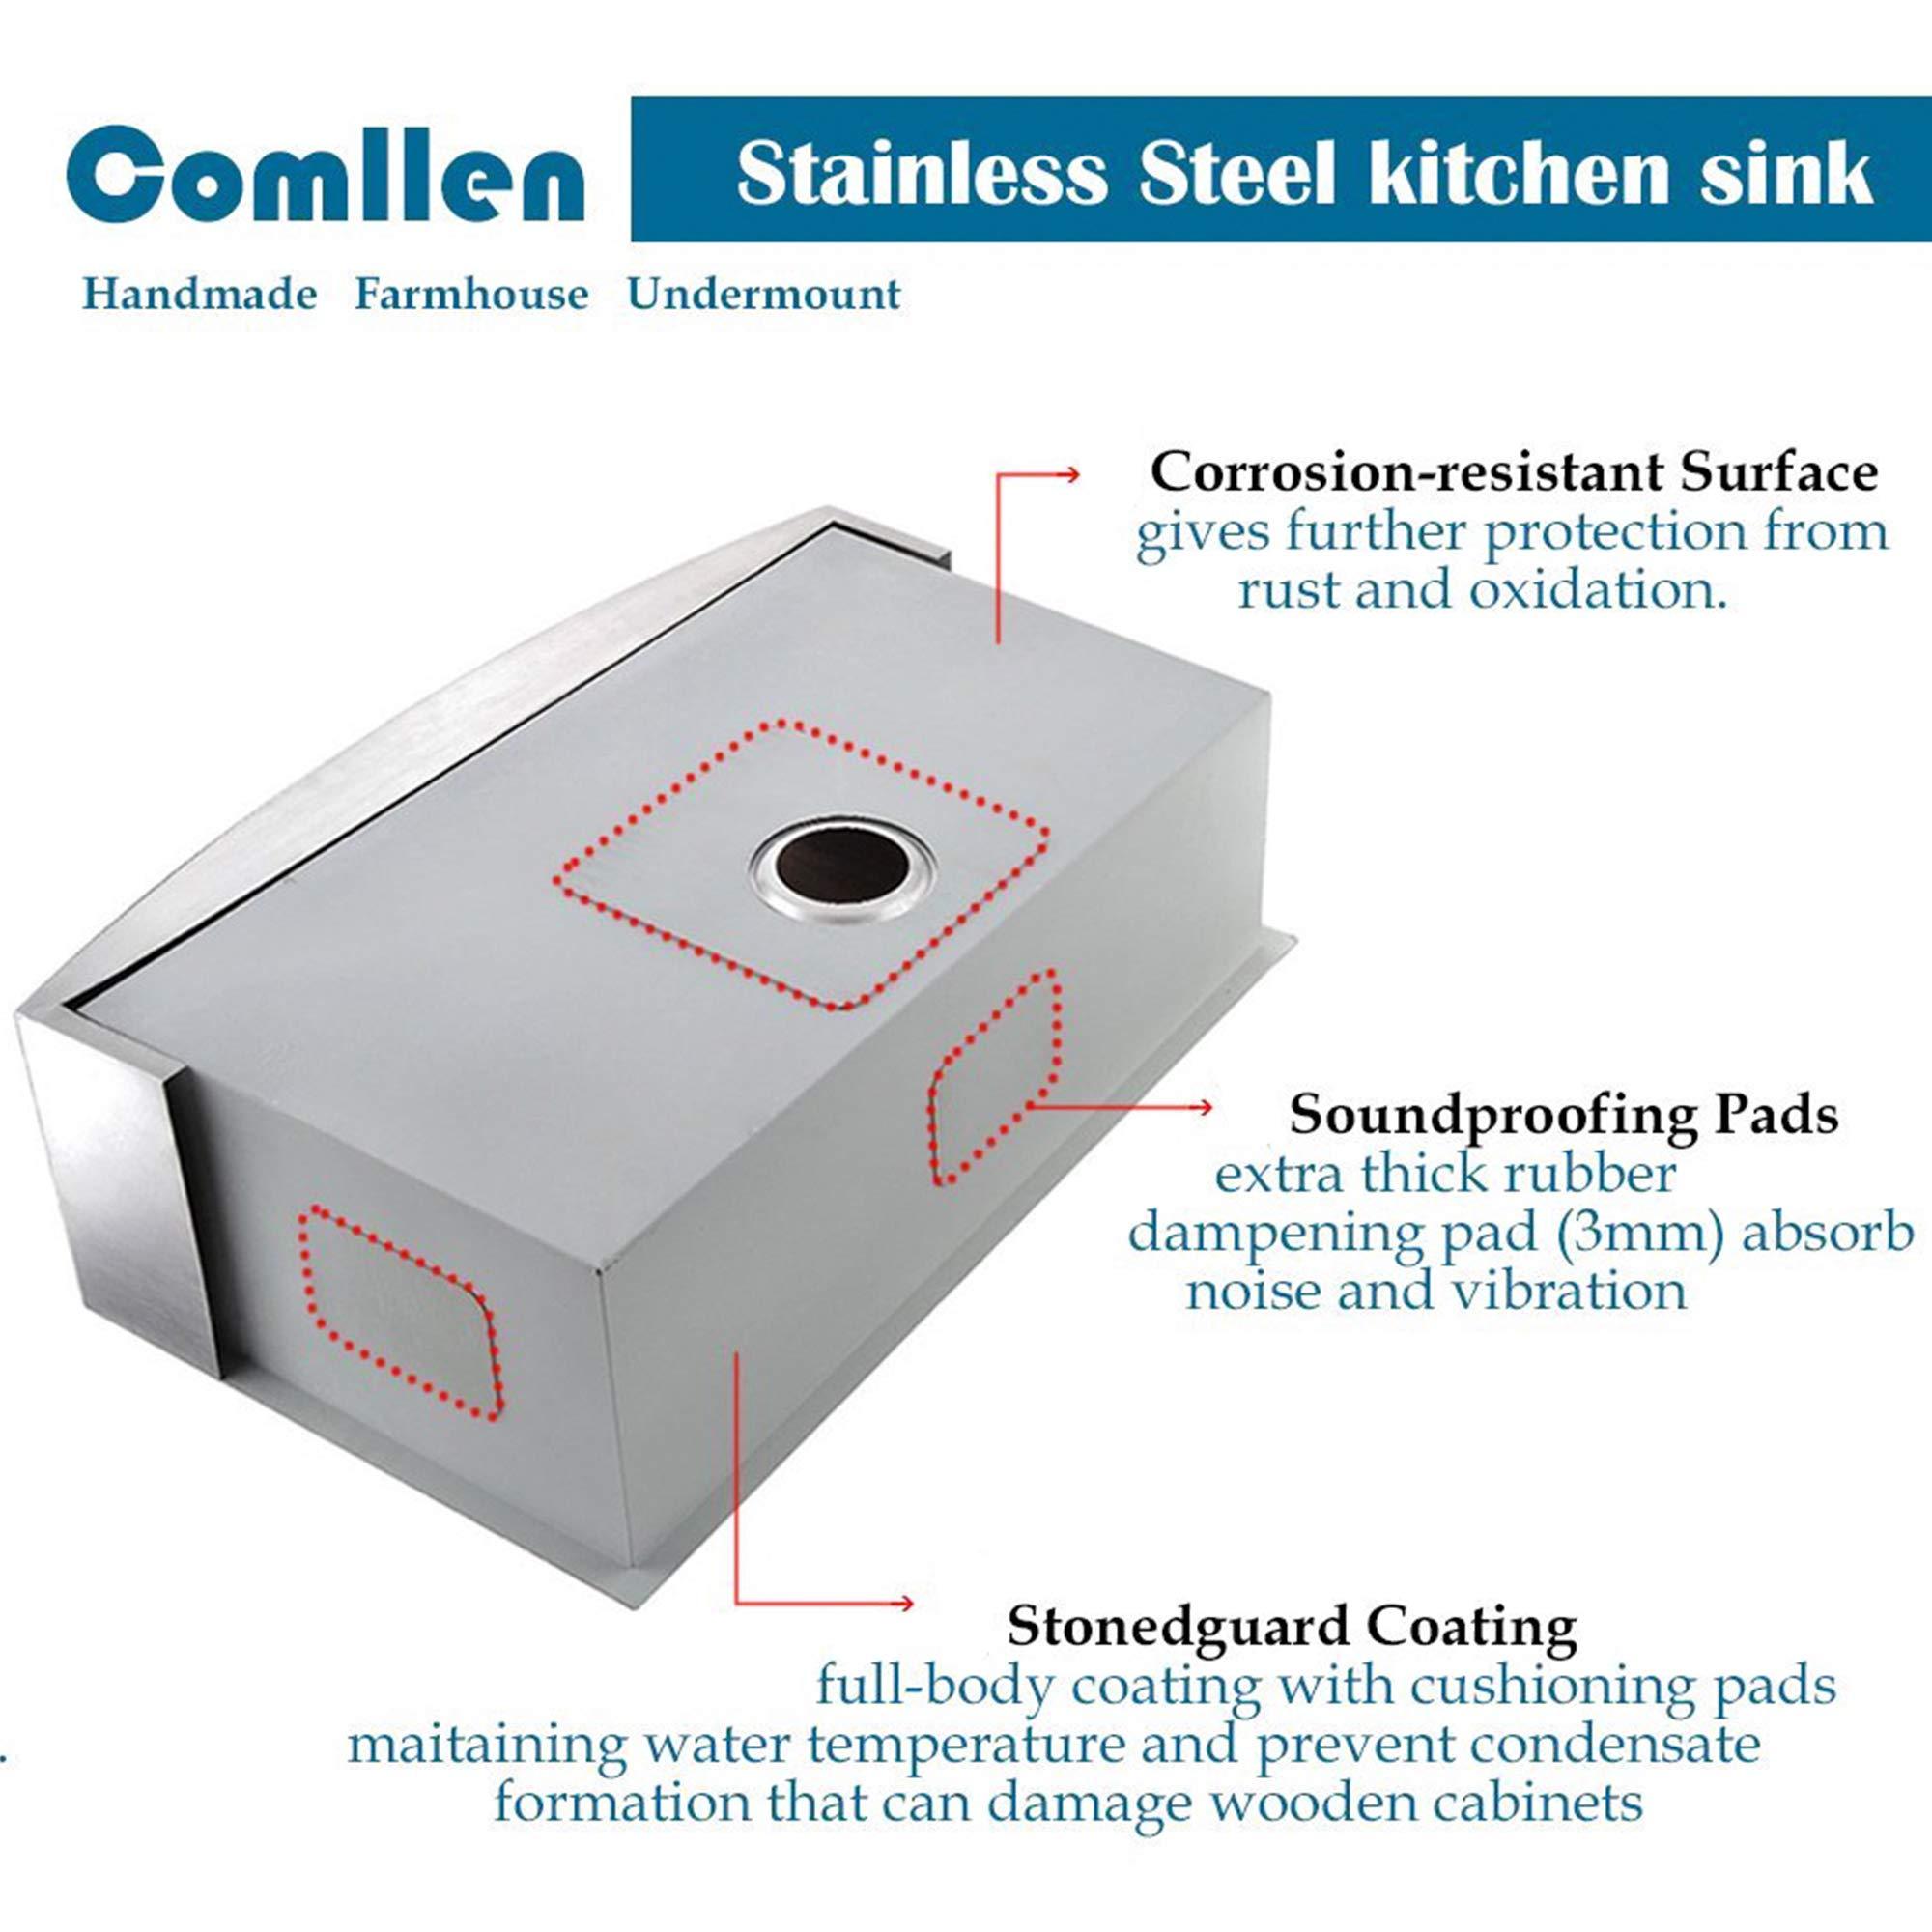 Comllen 33 Inch 304 Stainless Steel Farmhouse Kitchen Sink, Single Bowl 16 Gauge 10 Inch Deep Handmade Undermount Apron Kitchen Sink by Comllen (Image #5)